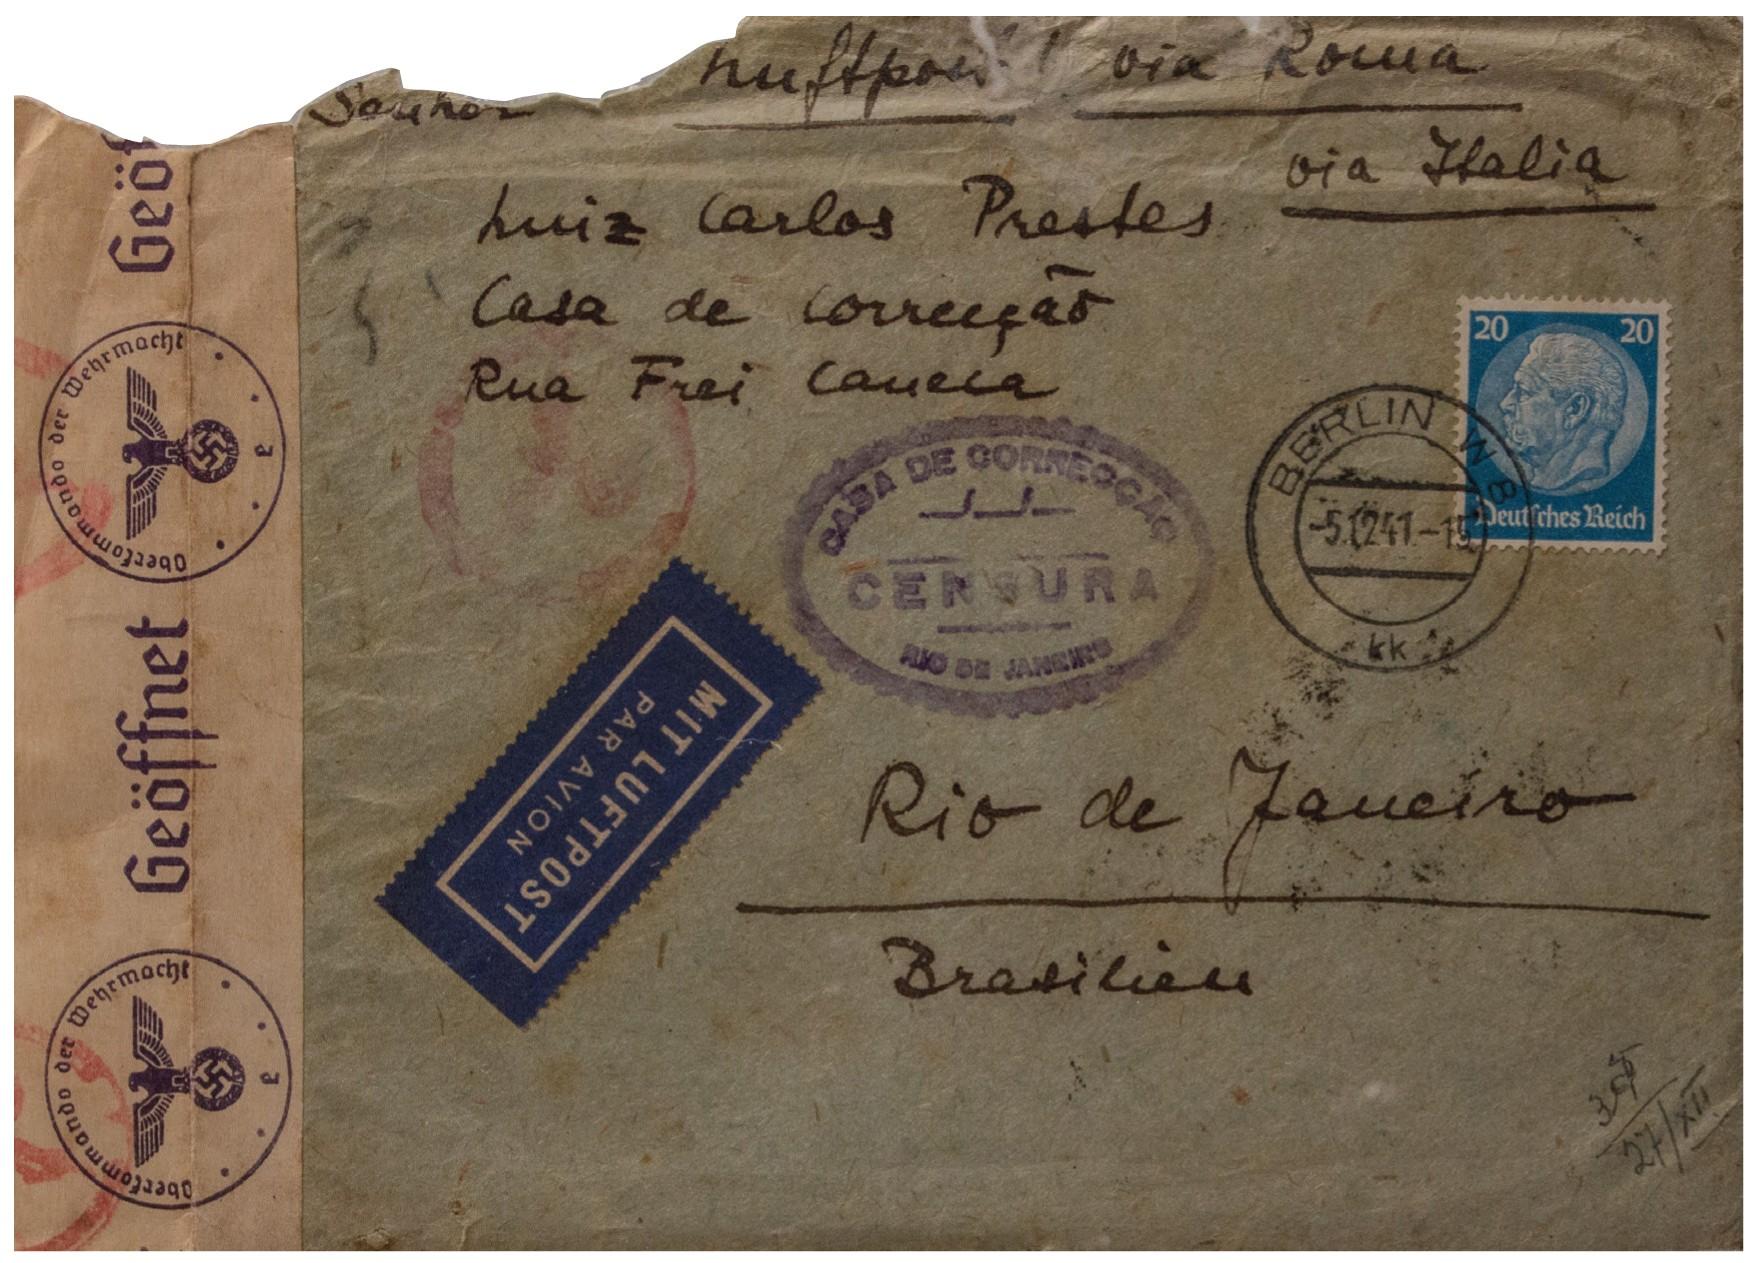 TJ-Rio determina arquivamento de processo sobre cartas de Olga Benário e Luís Carlos Prestes, que teriam sido achadas no lixo